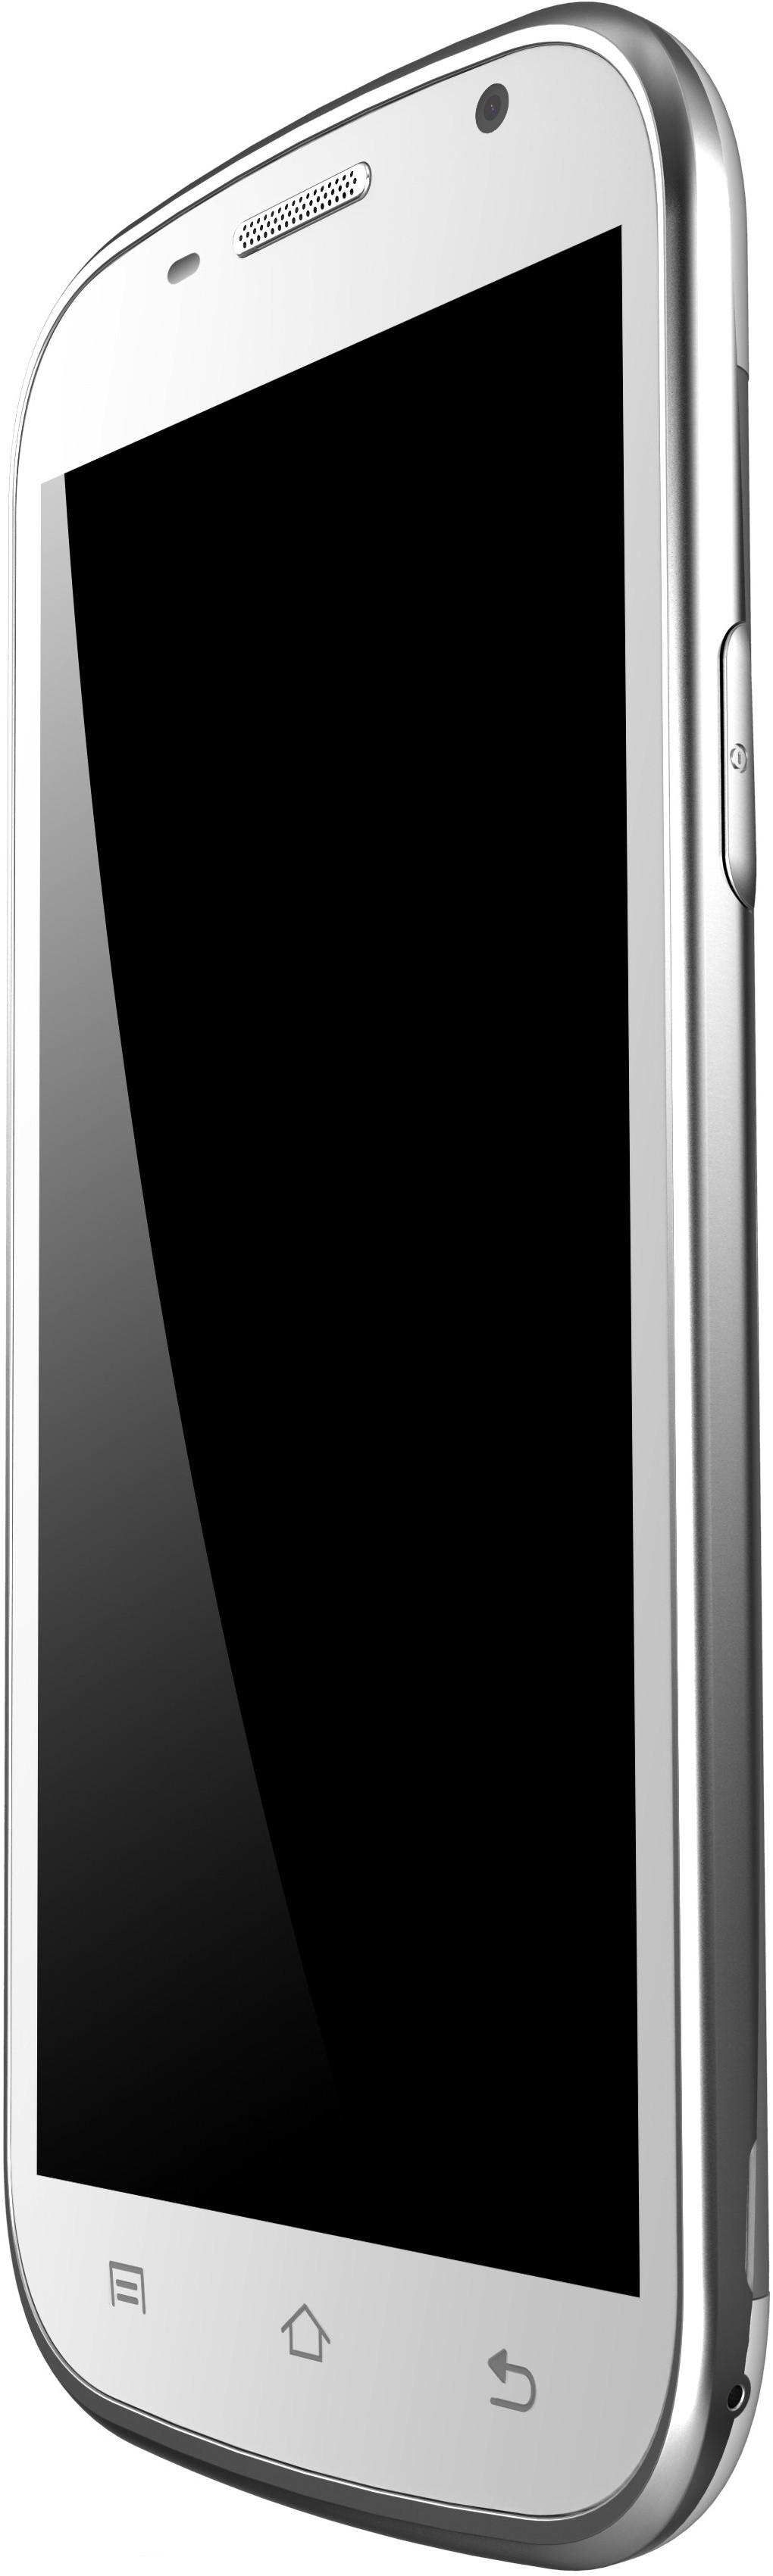 Karbonn Smart A26 (White Silver, 4 GB)(512 MB RAM)